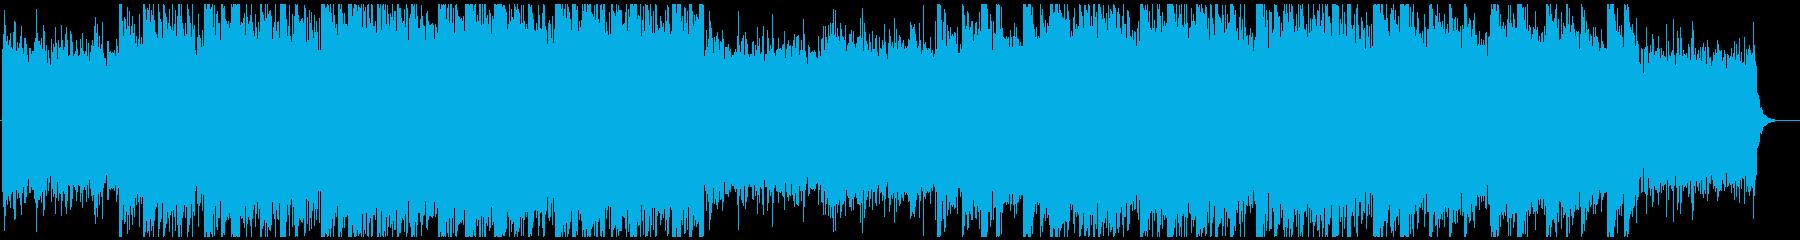 ギターのアルペジオが印象的なヒーリングの再生済みの波形